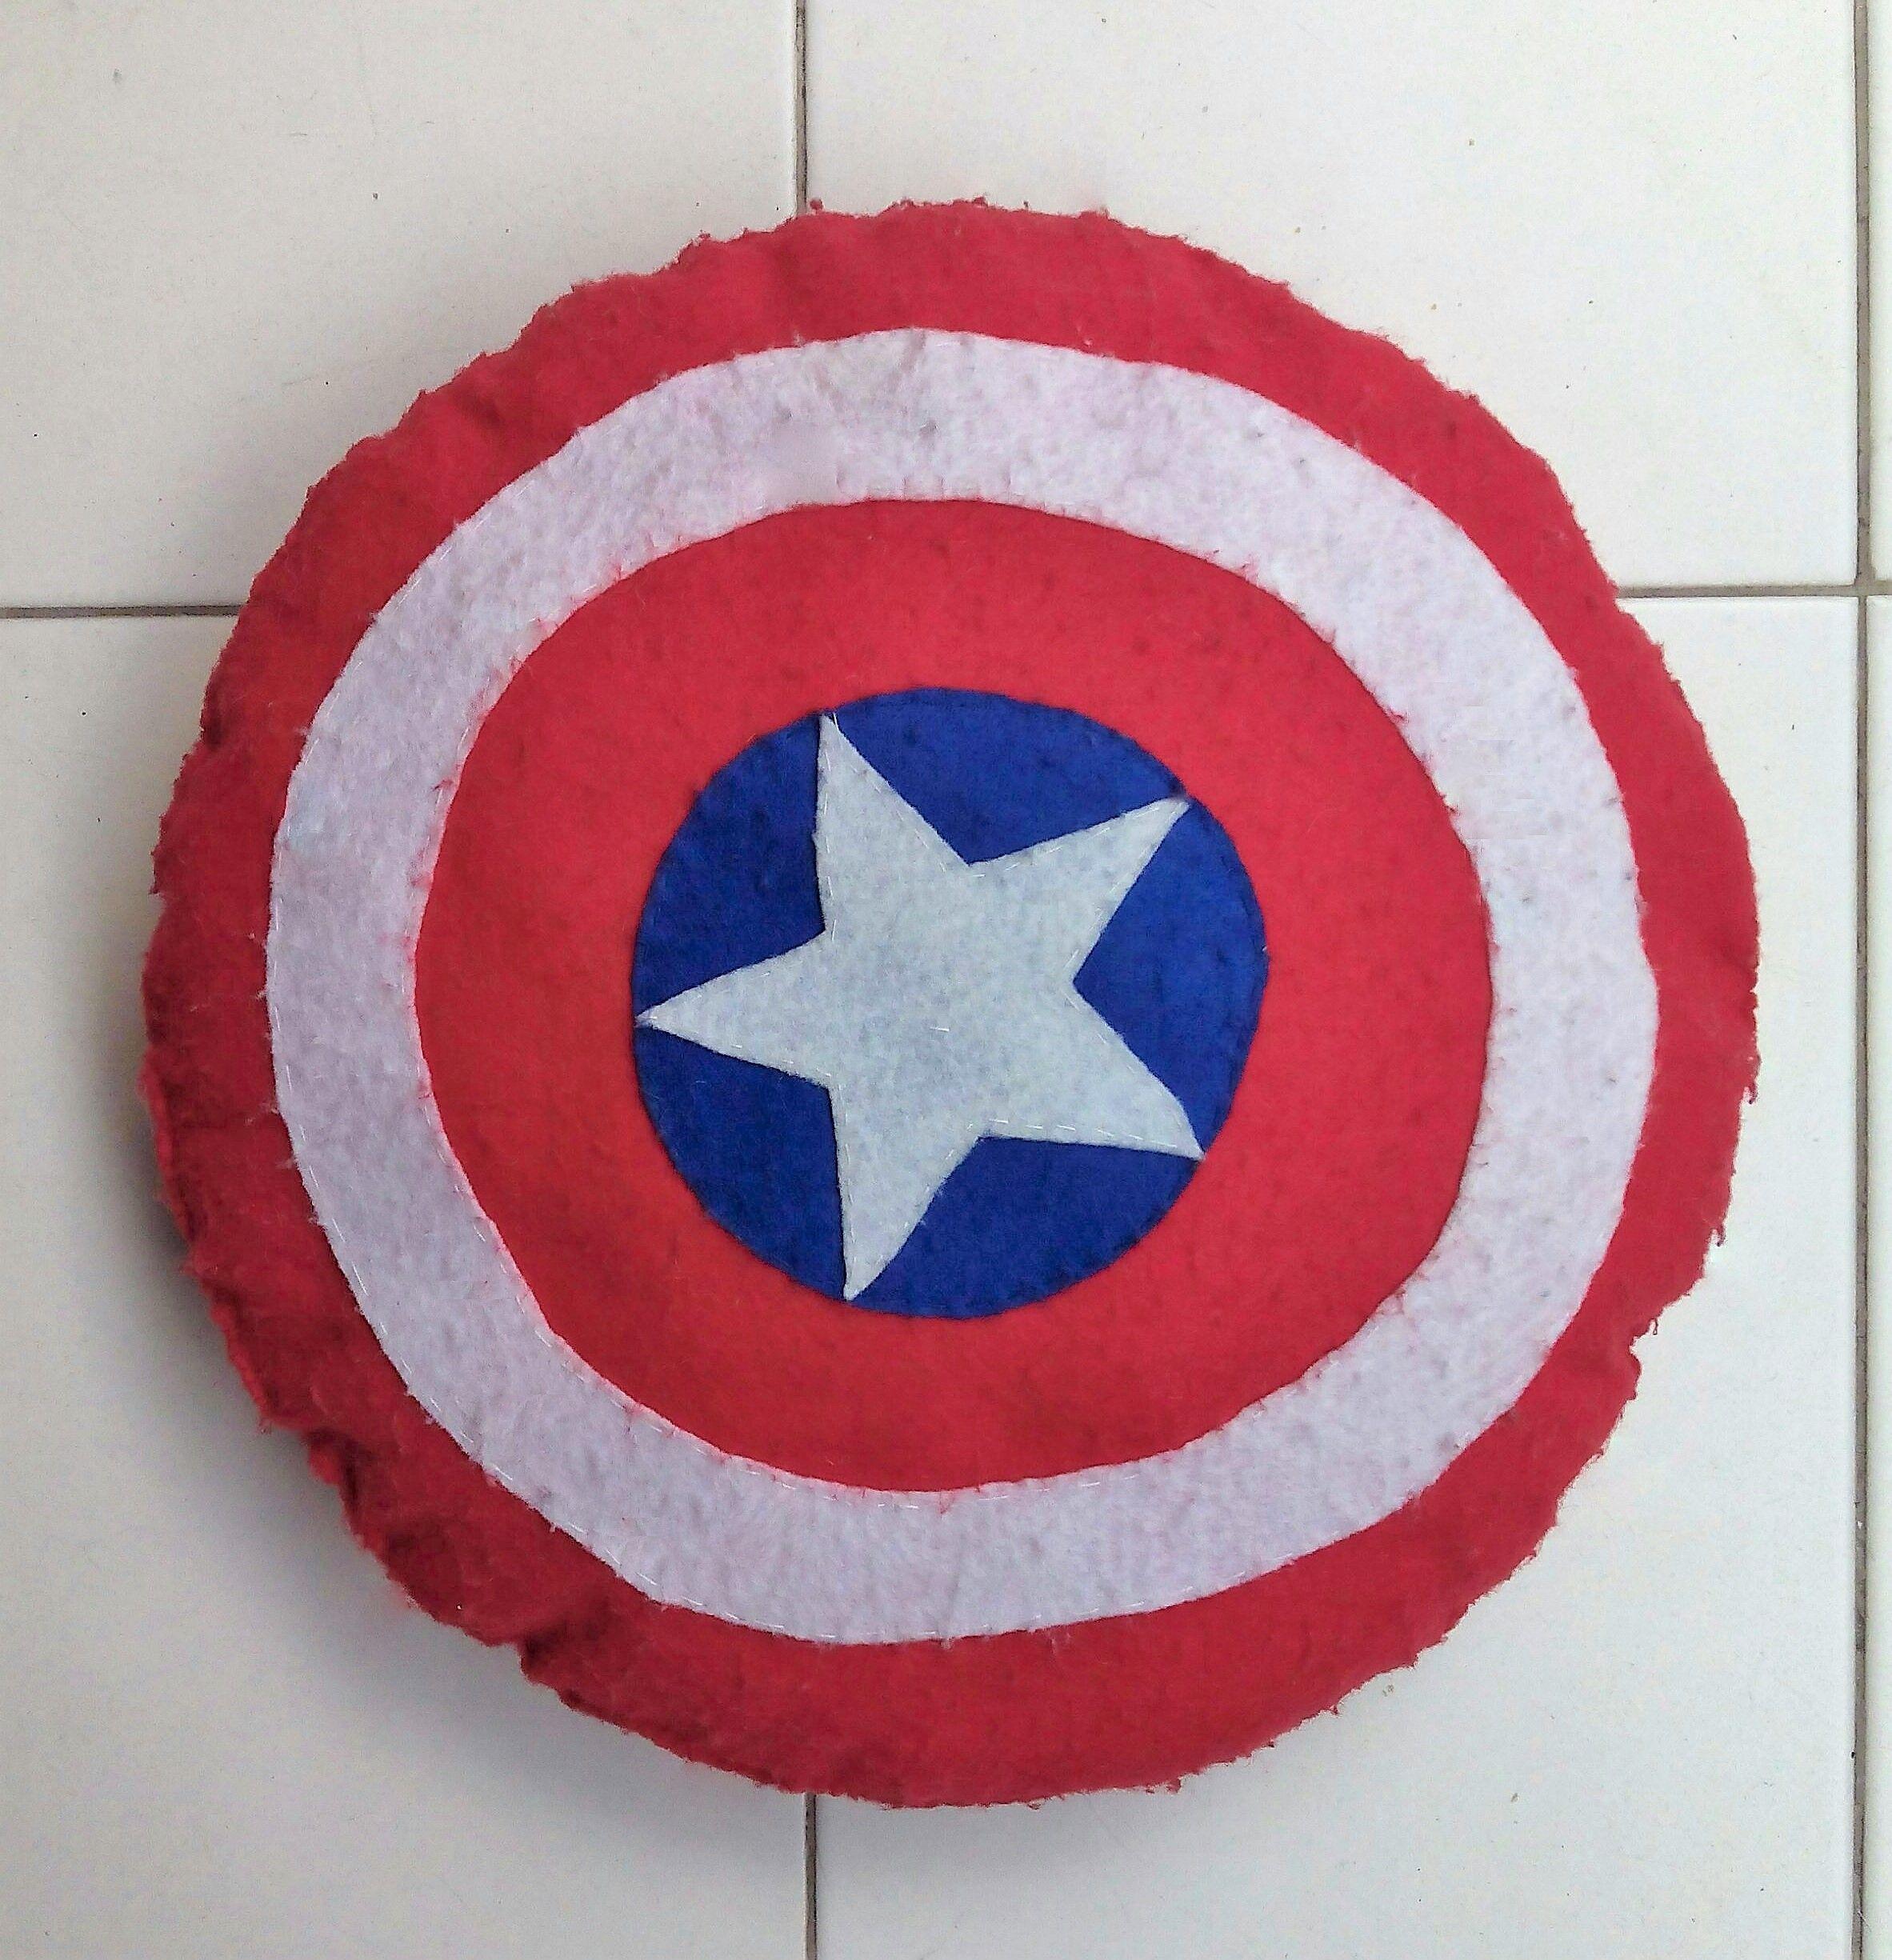 Cojín Escudo Capitán América fieltro…   Fieltro   Pinterest   Escudo ...